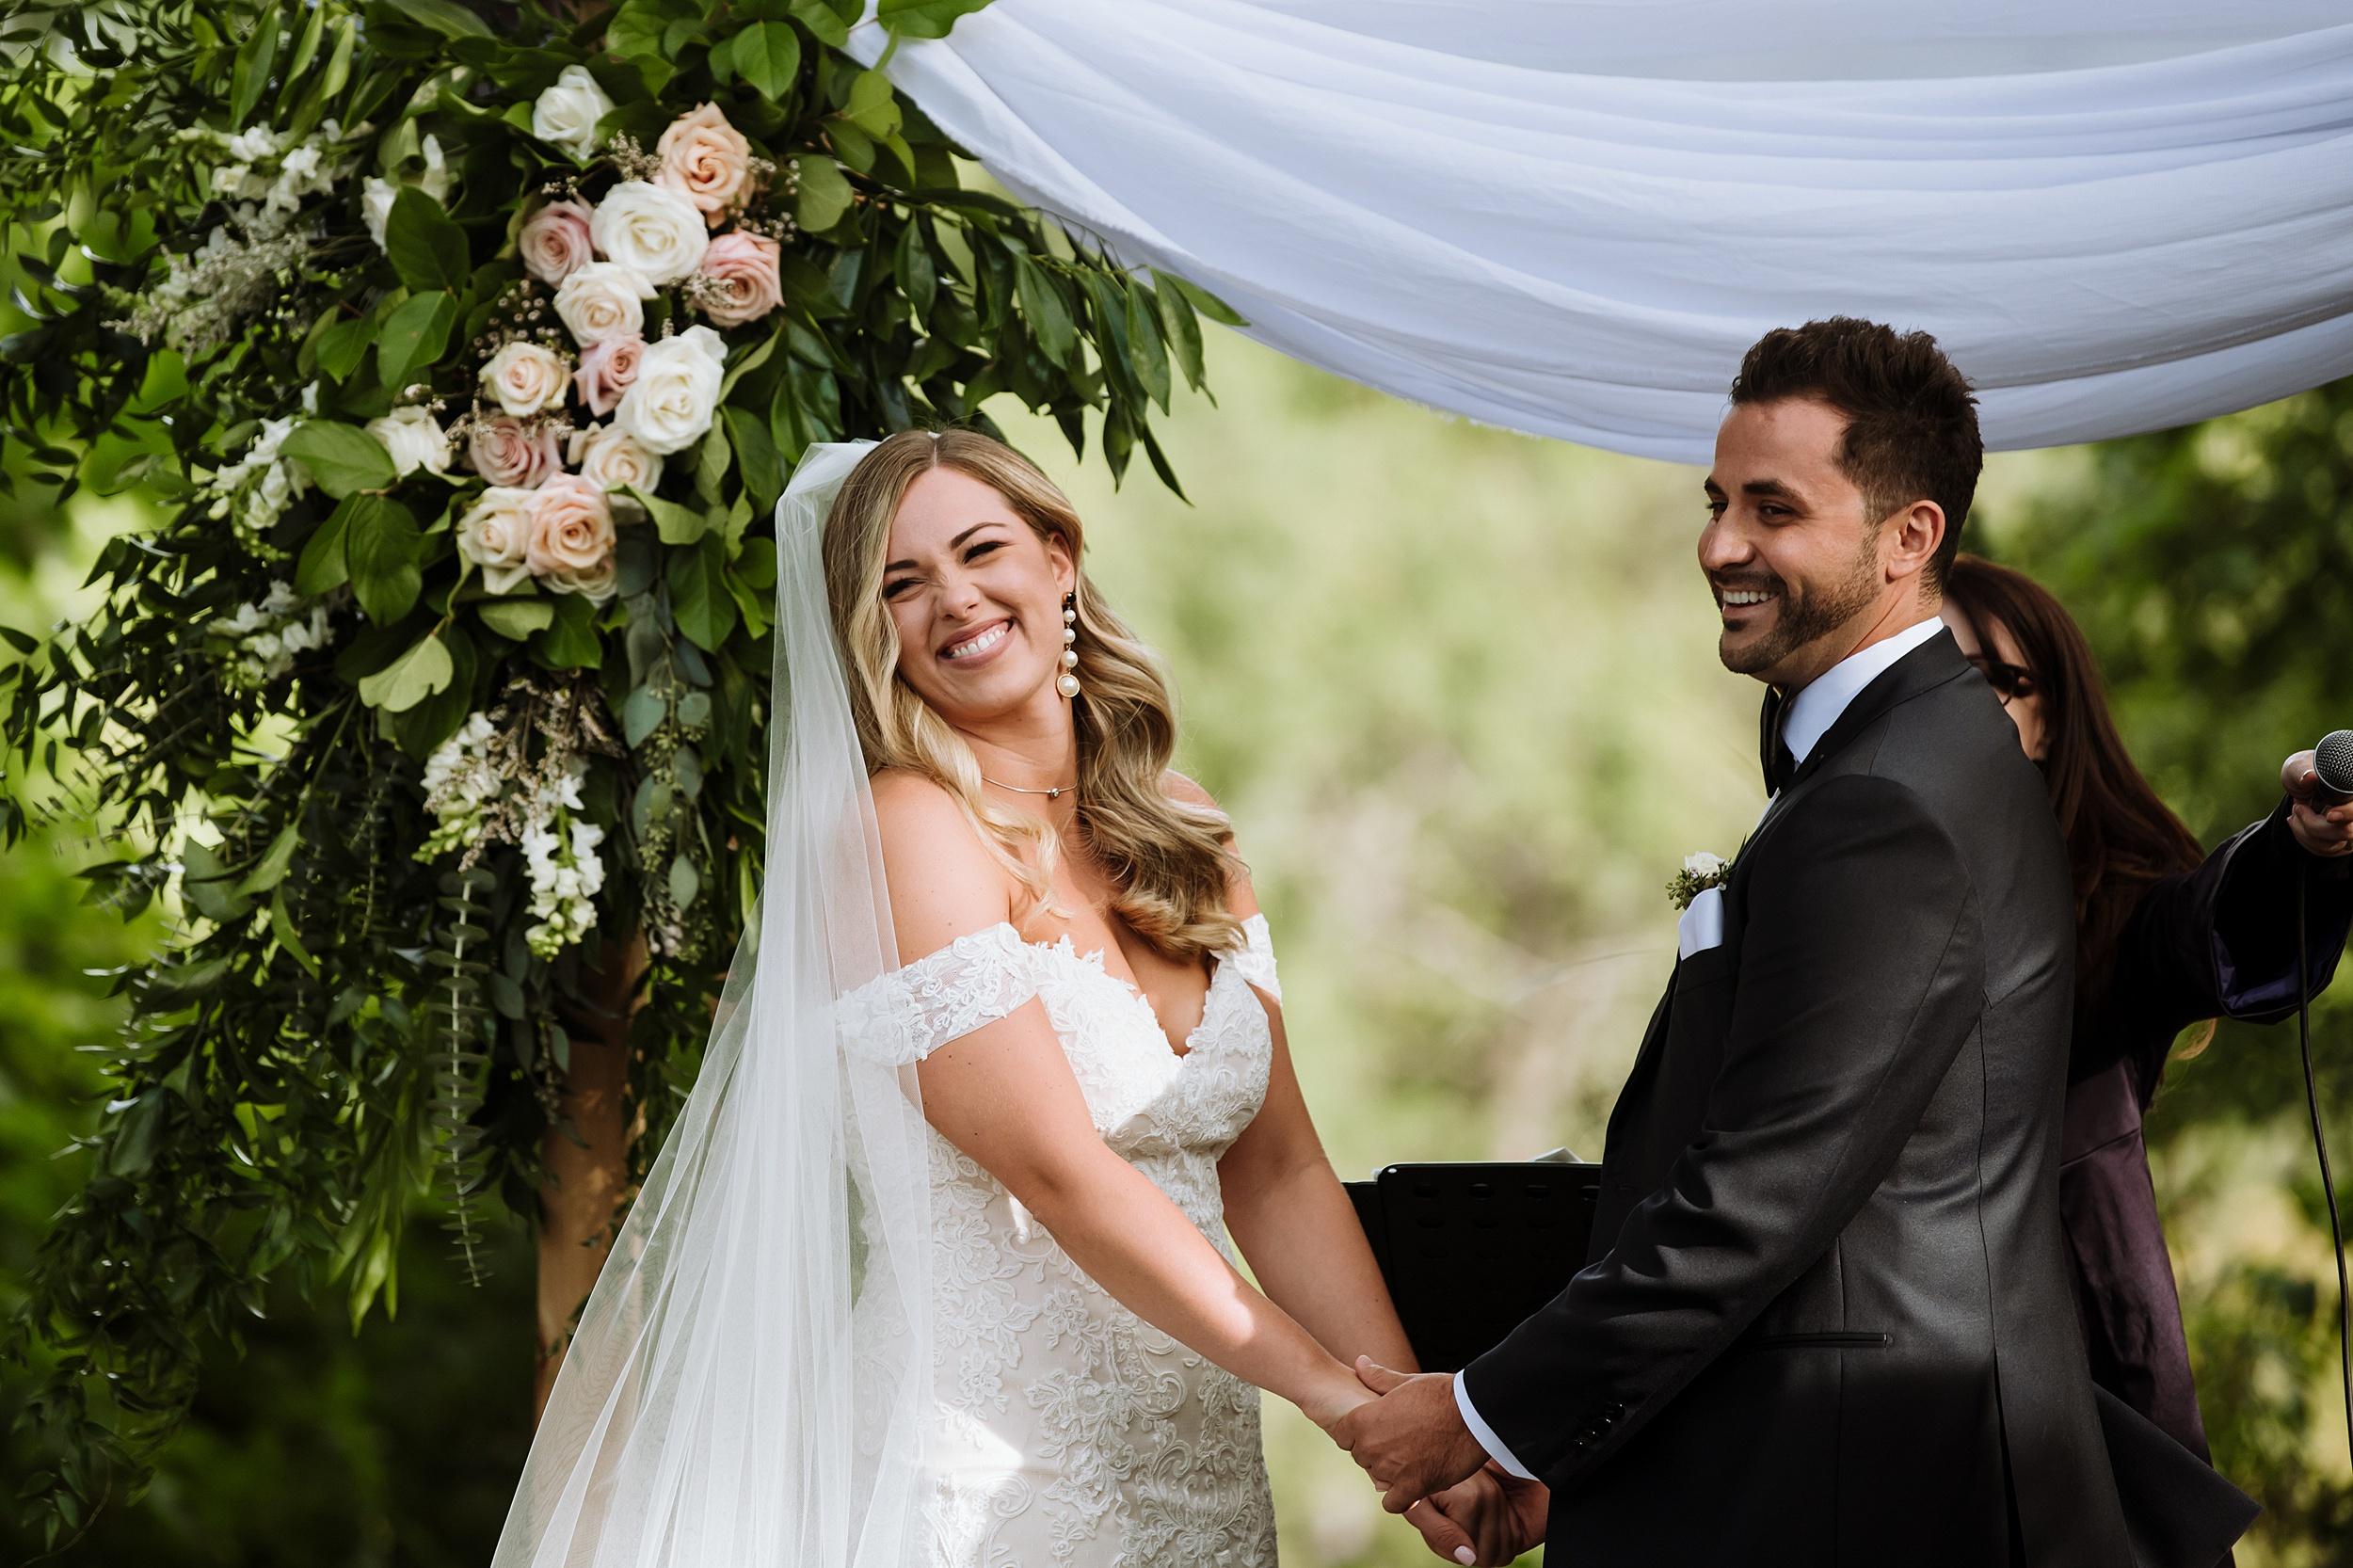 Rustic_Backyard_Wedding_Toronto_Photographer102.jpg